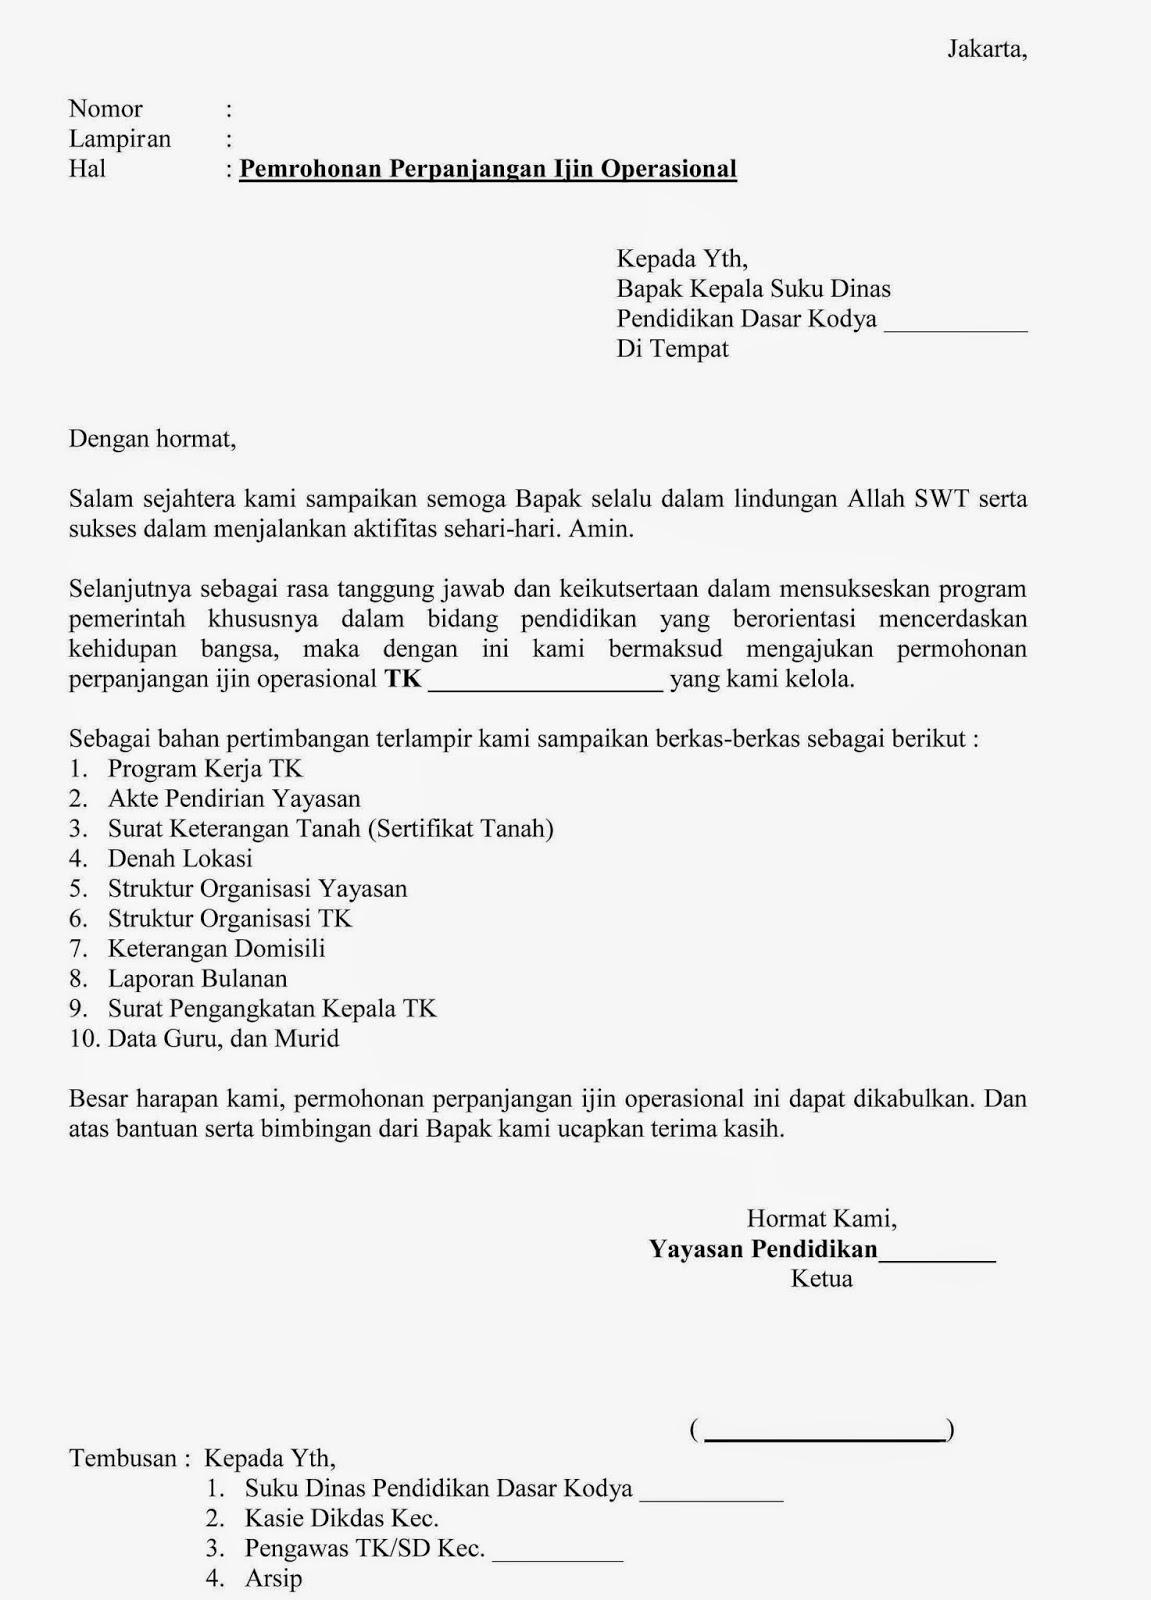 13 Contoh Surat Permohonan Izin Kegiatan ( Kerja ...